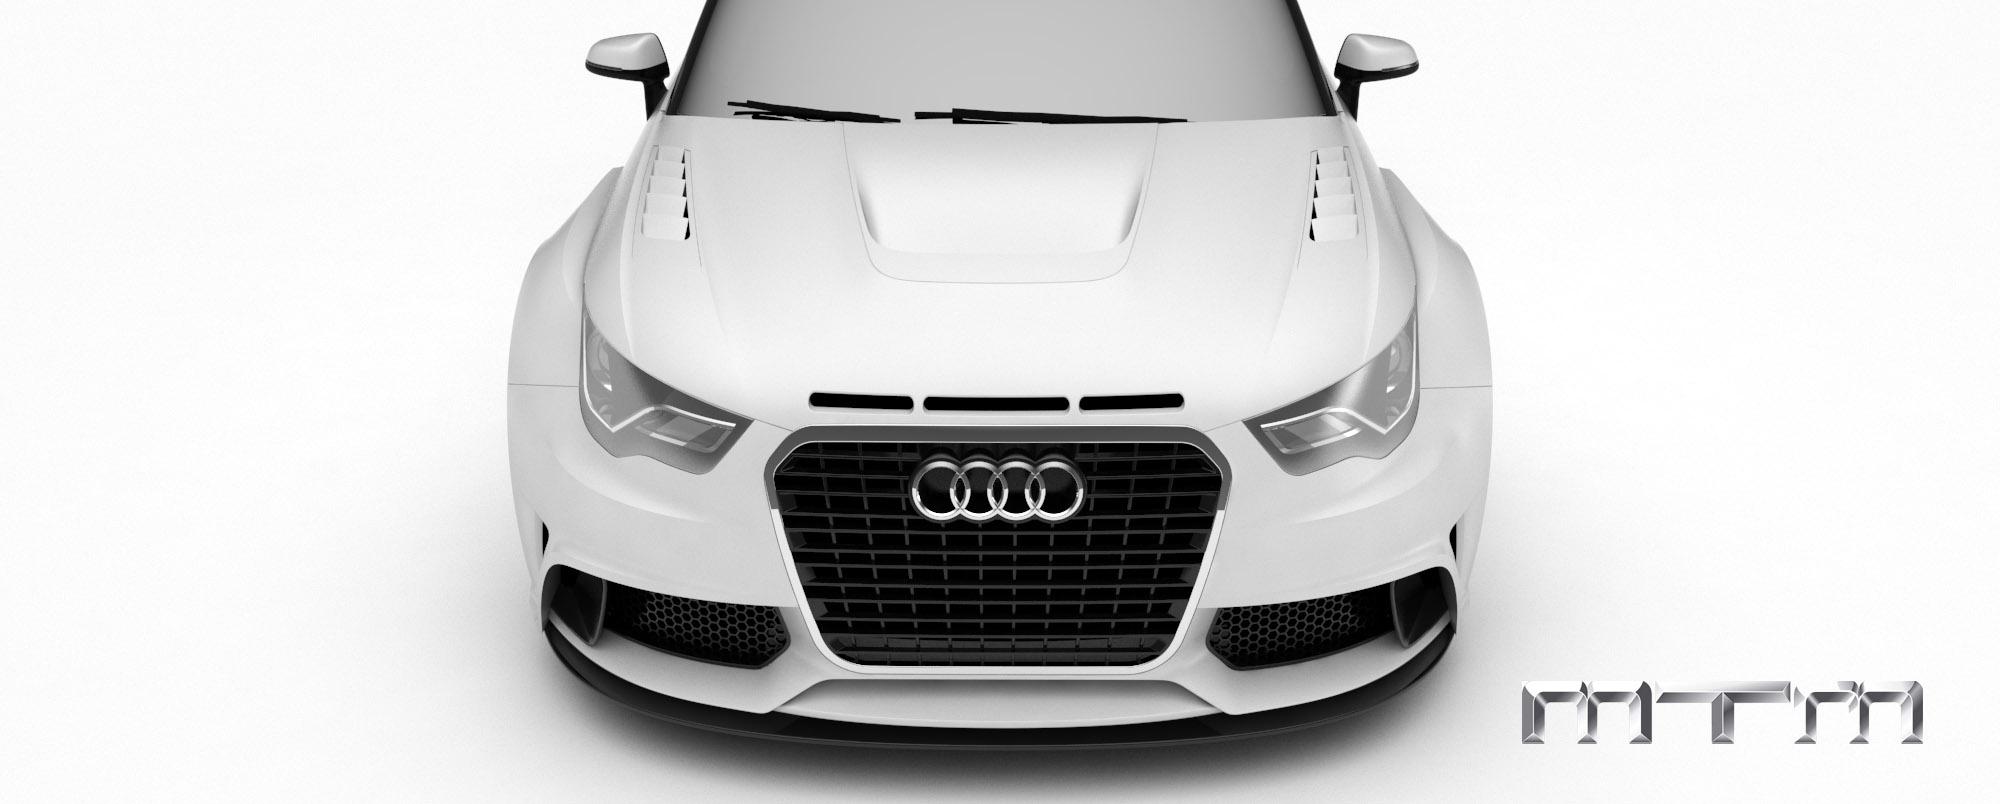 MTM Audi A1 quattro nardo edition - фотография №5